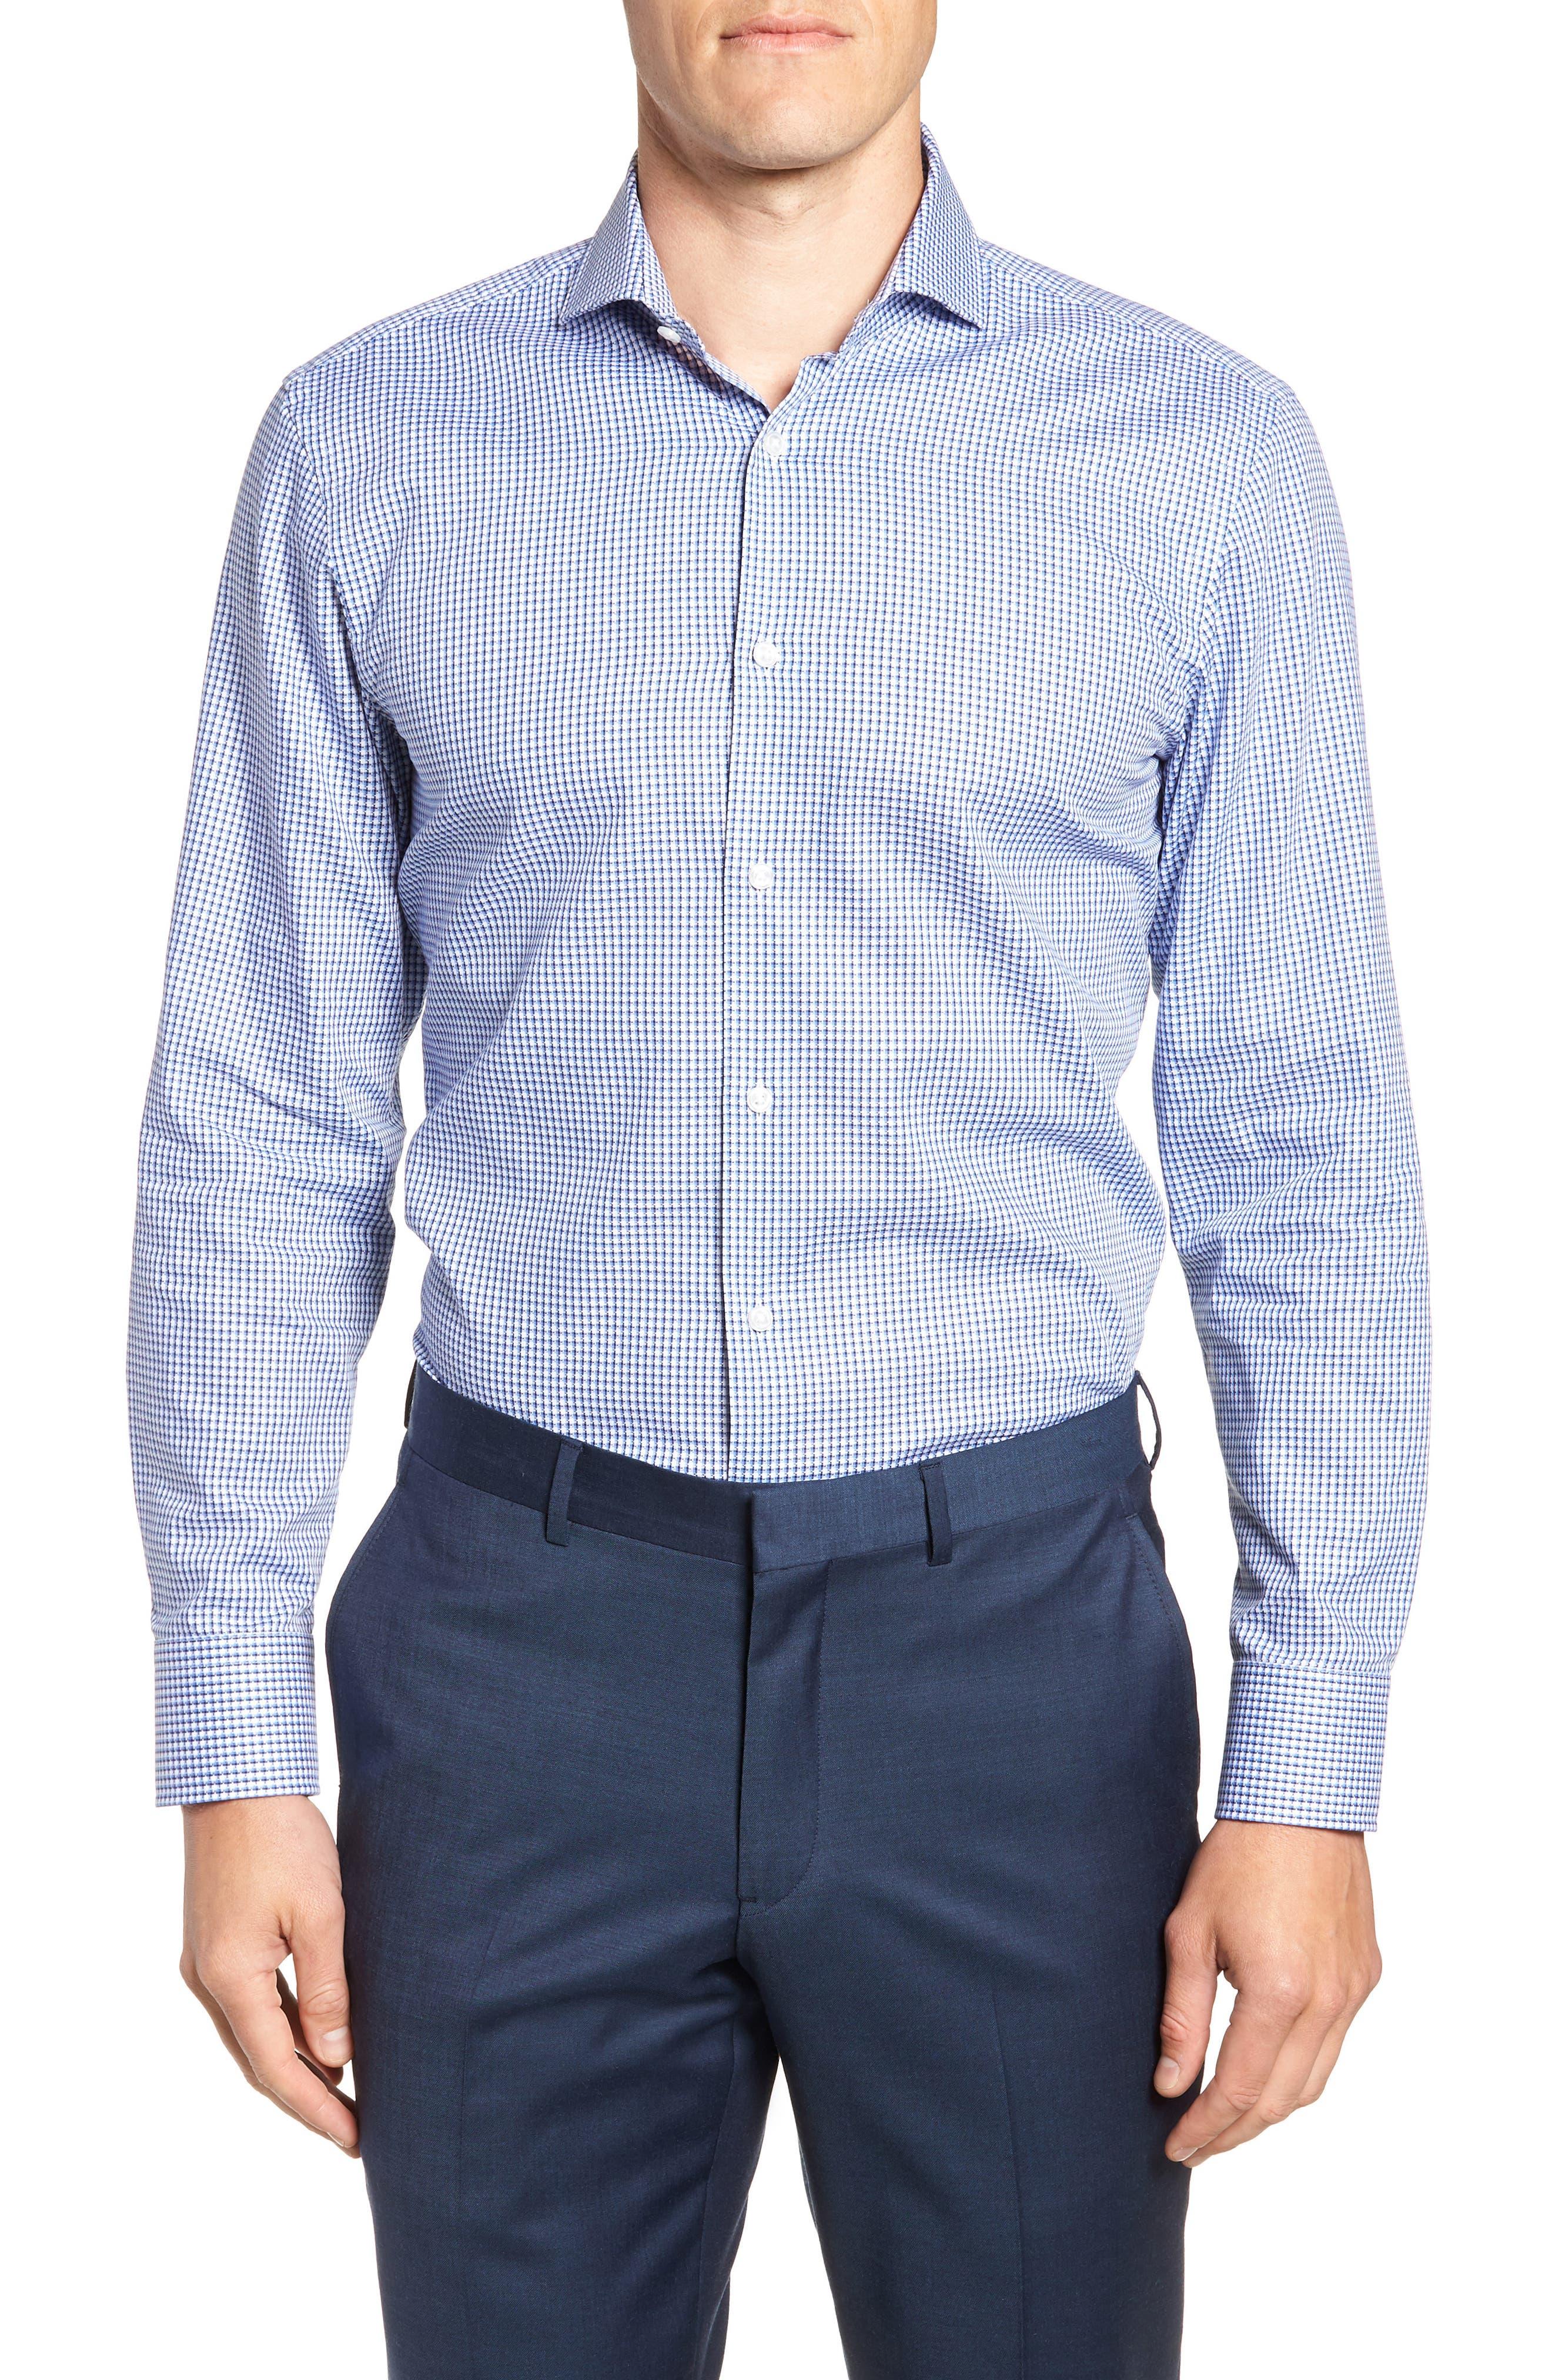 Mark Sharp Fit Check Dress Shirt,                             Main thumbnail 1, color,                             BLUE